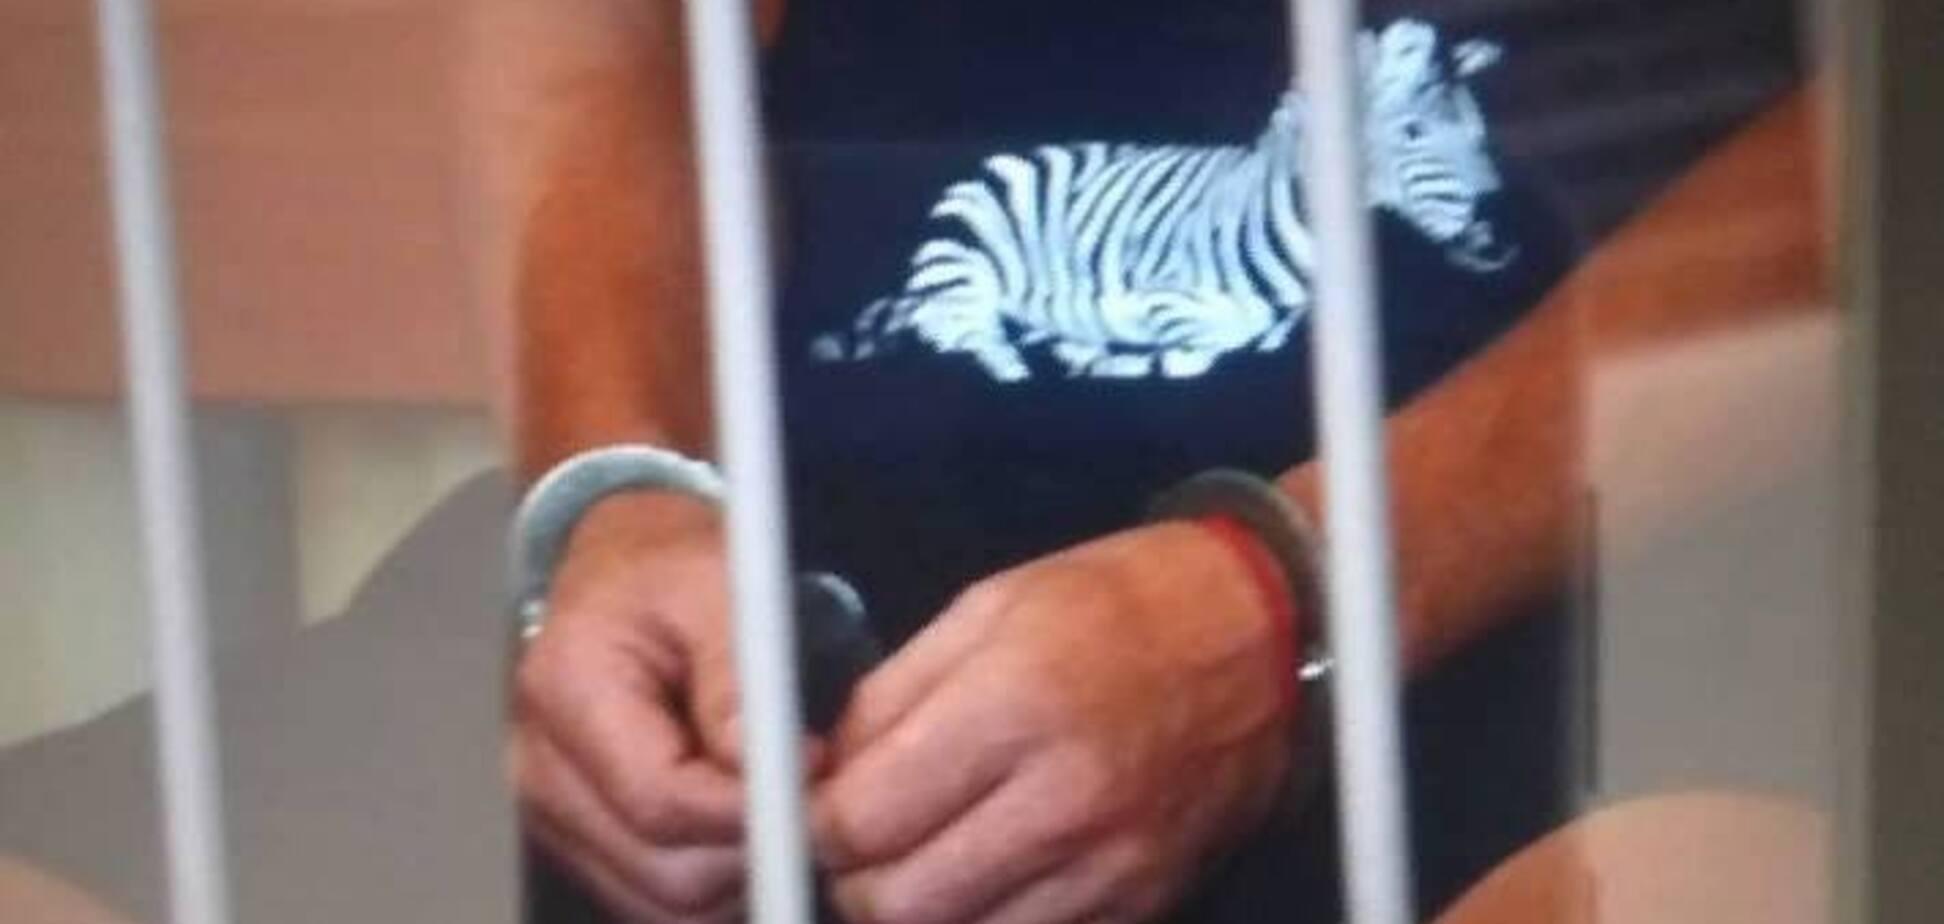 Нападение на Гандзюк: появились первые фото подозреваемого